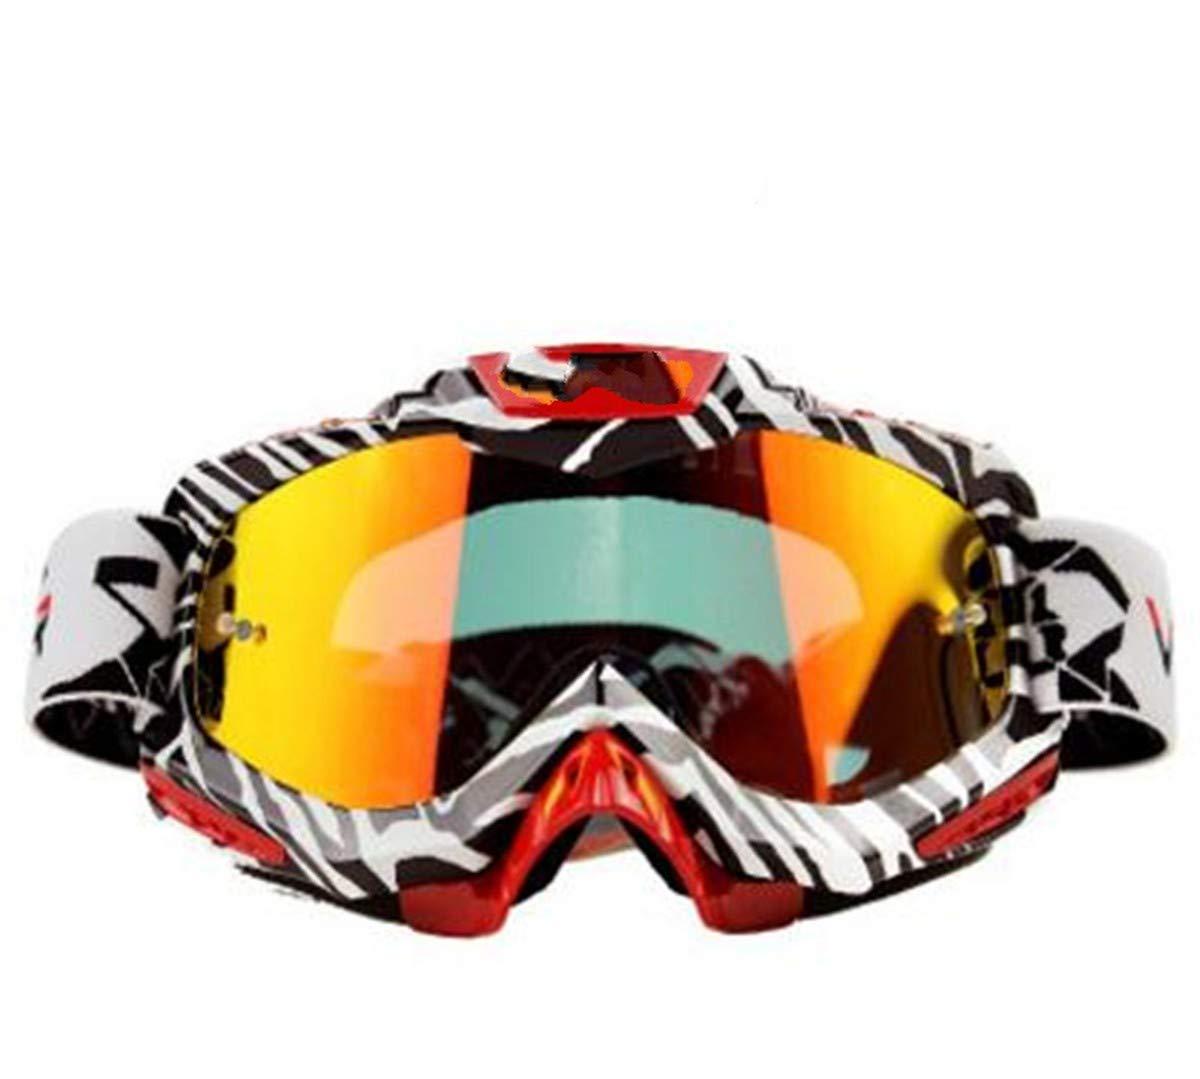 WENDAN EsquiandoGafas de piloto de Motocicleta Retro Scooter de Bicicleta Gafas de Cuero Gafas de Equipo de protección Gafas